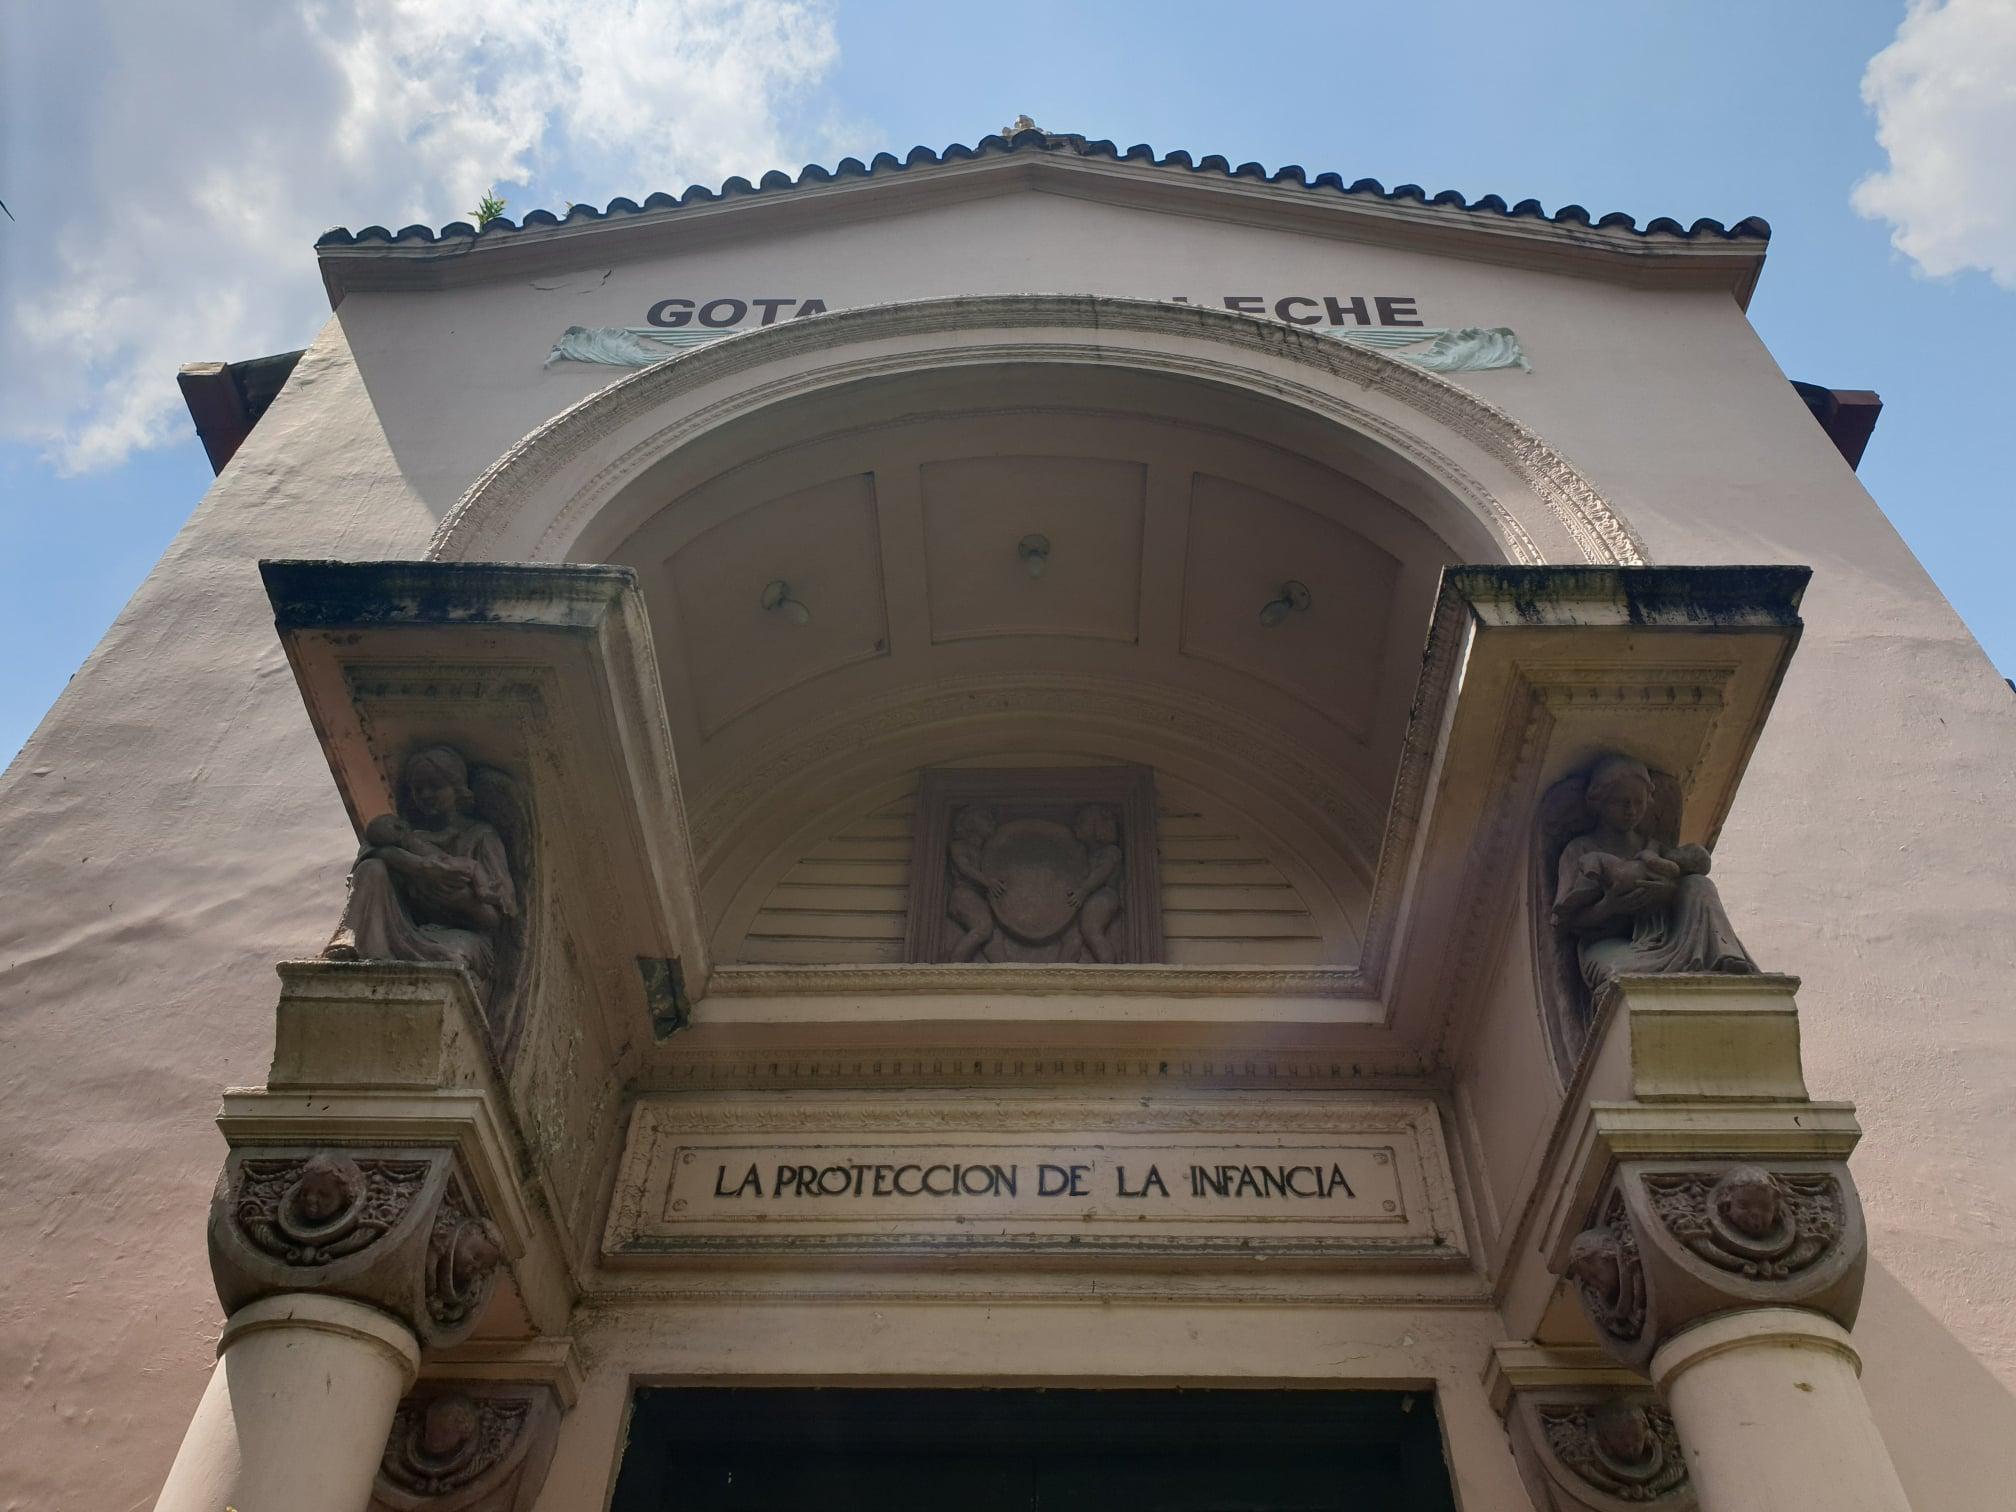 La Gota de Leche building statuary of a woman holding an infant inscribed La Proteccion de La Infancia